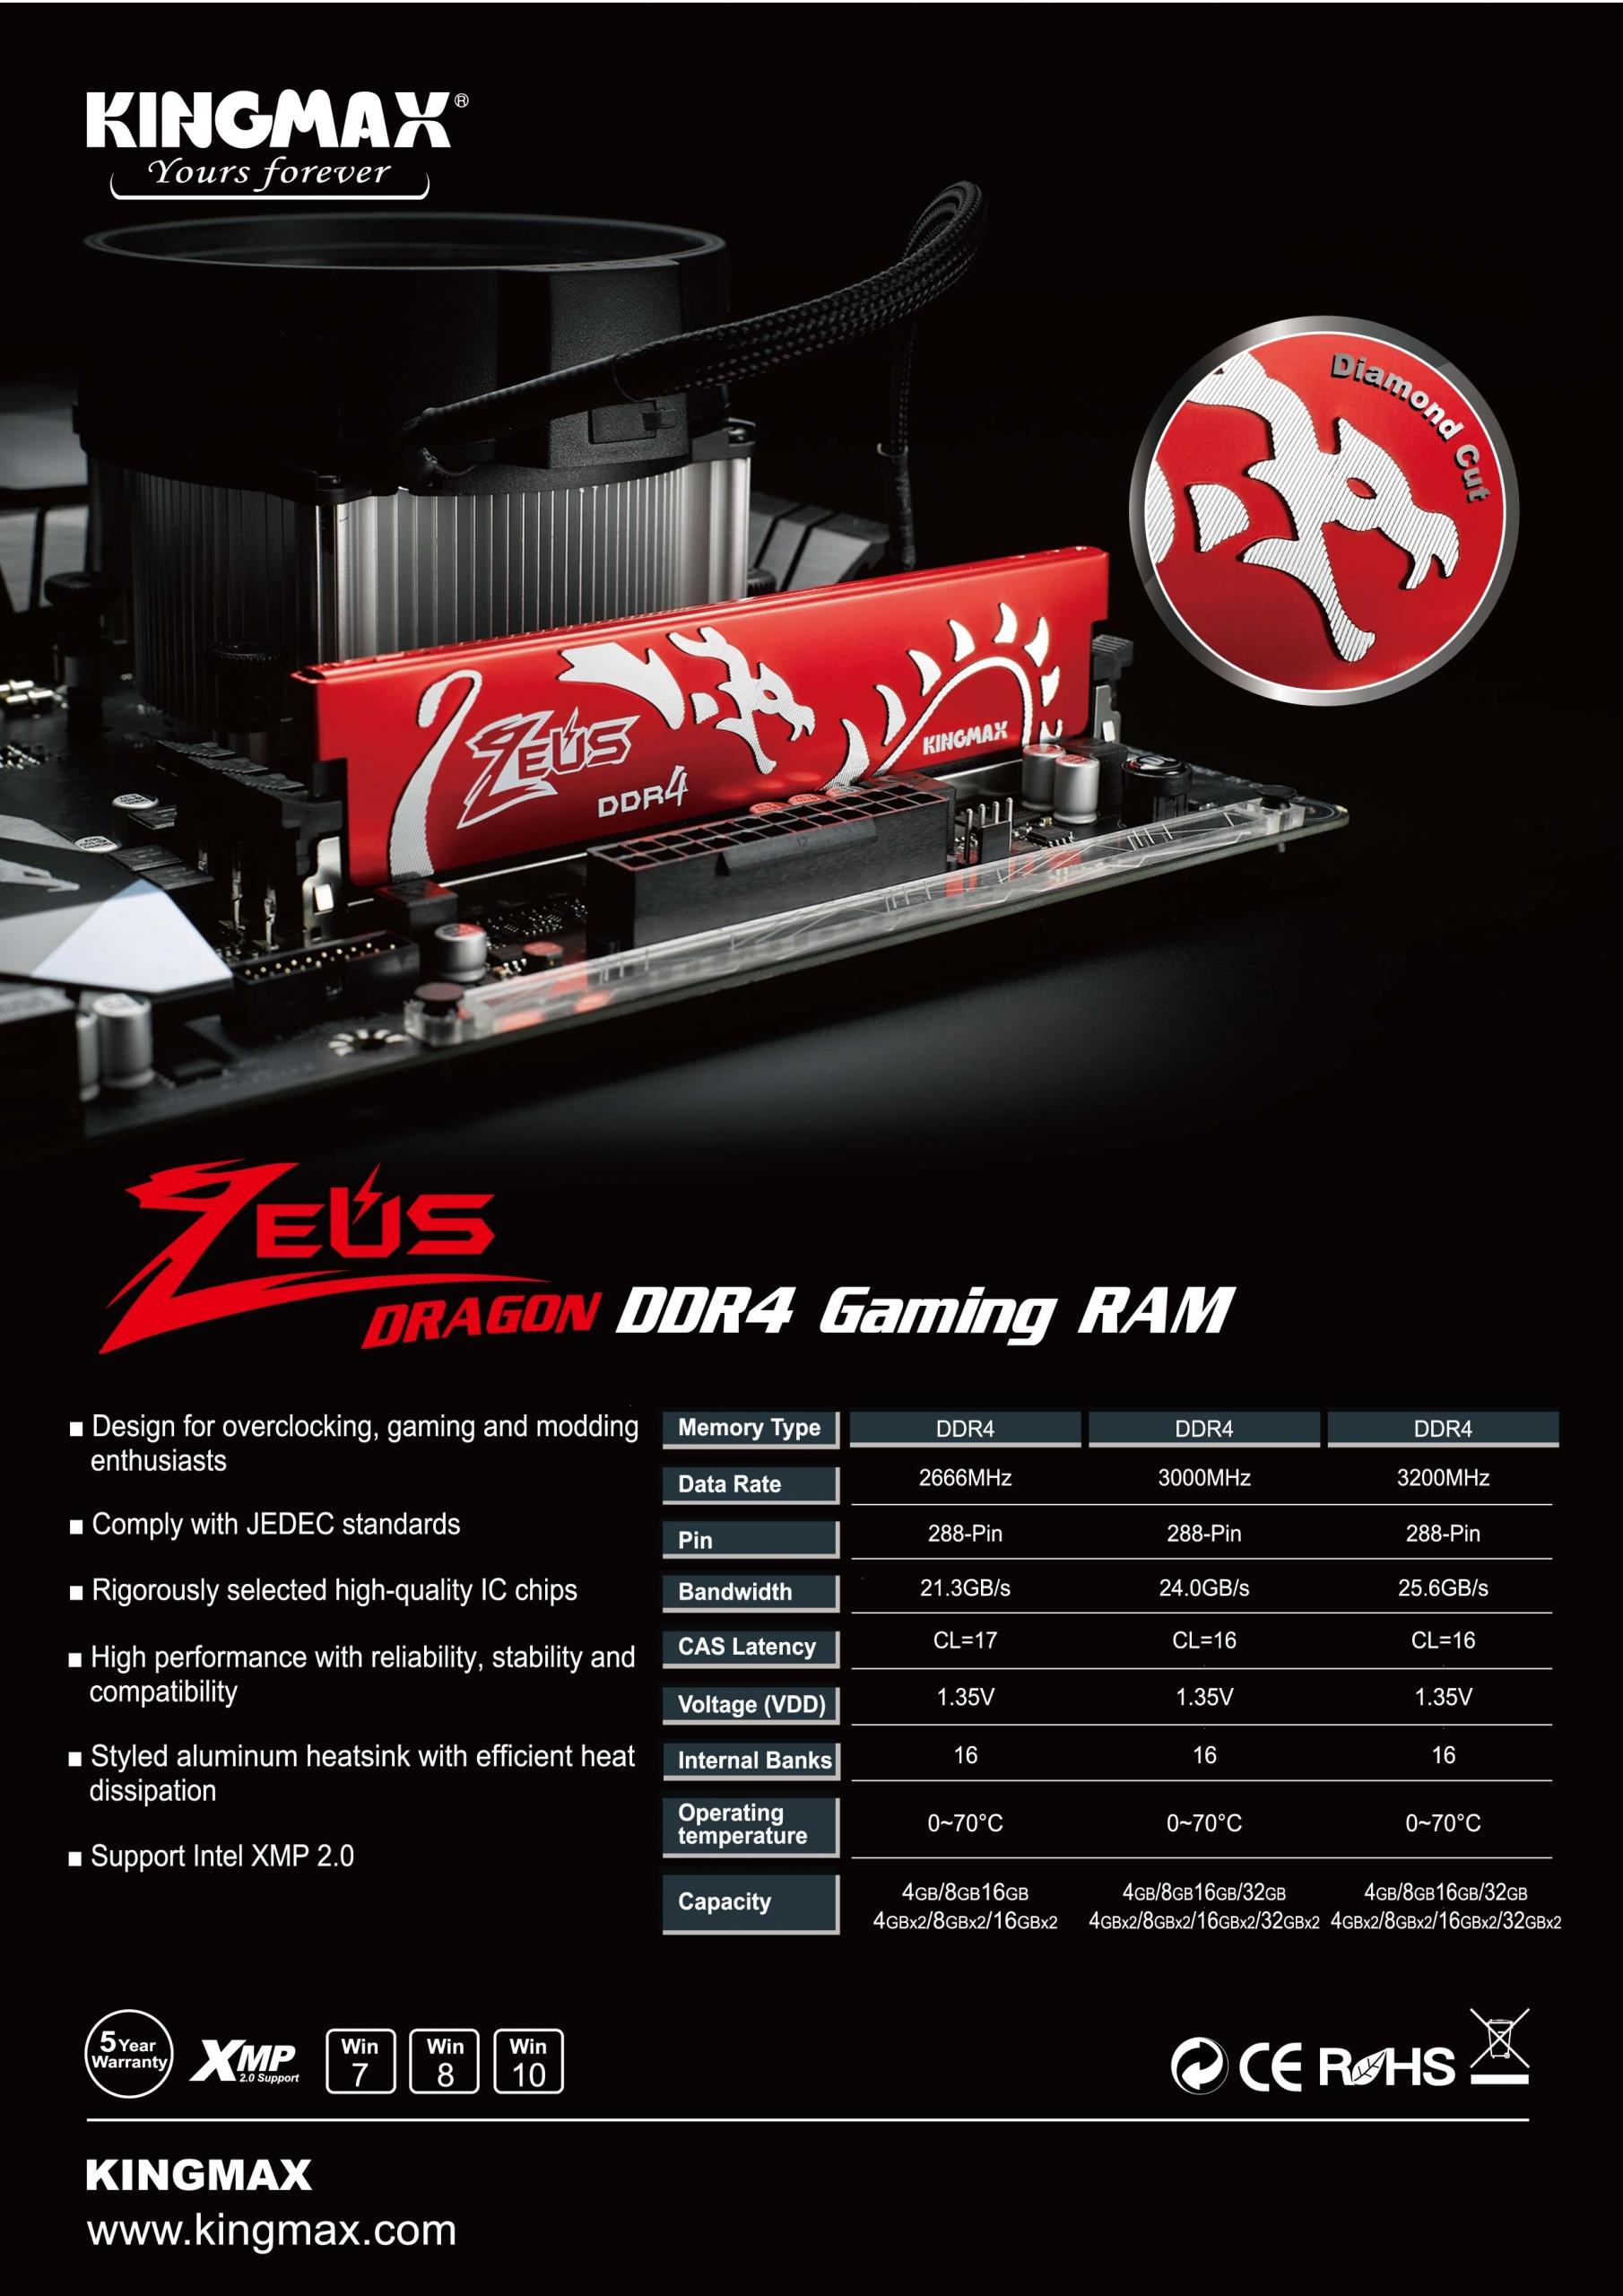 Kingmax Zeus Dragon DDR4 Gaming RAM 8GB 3200Mhz Single 9